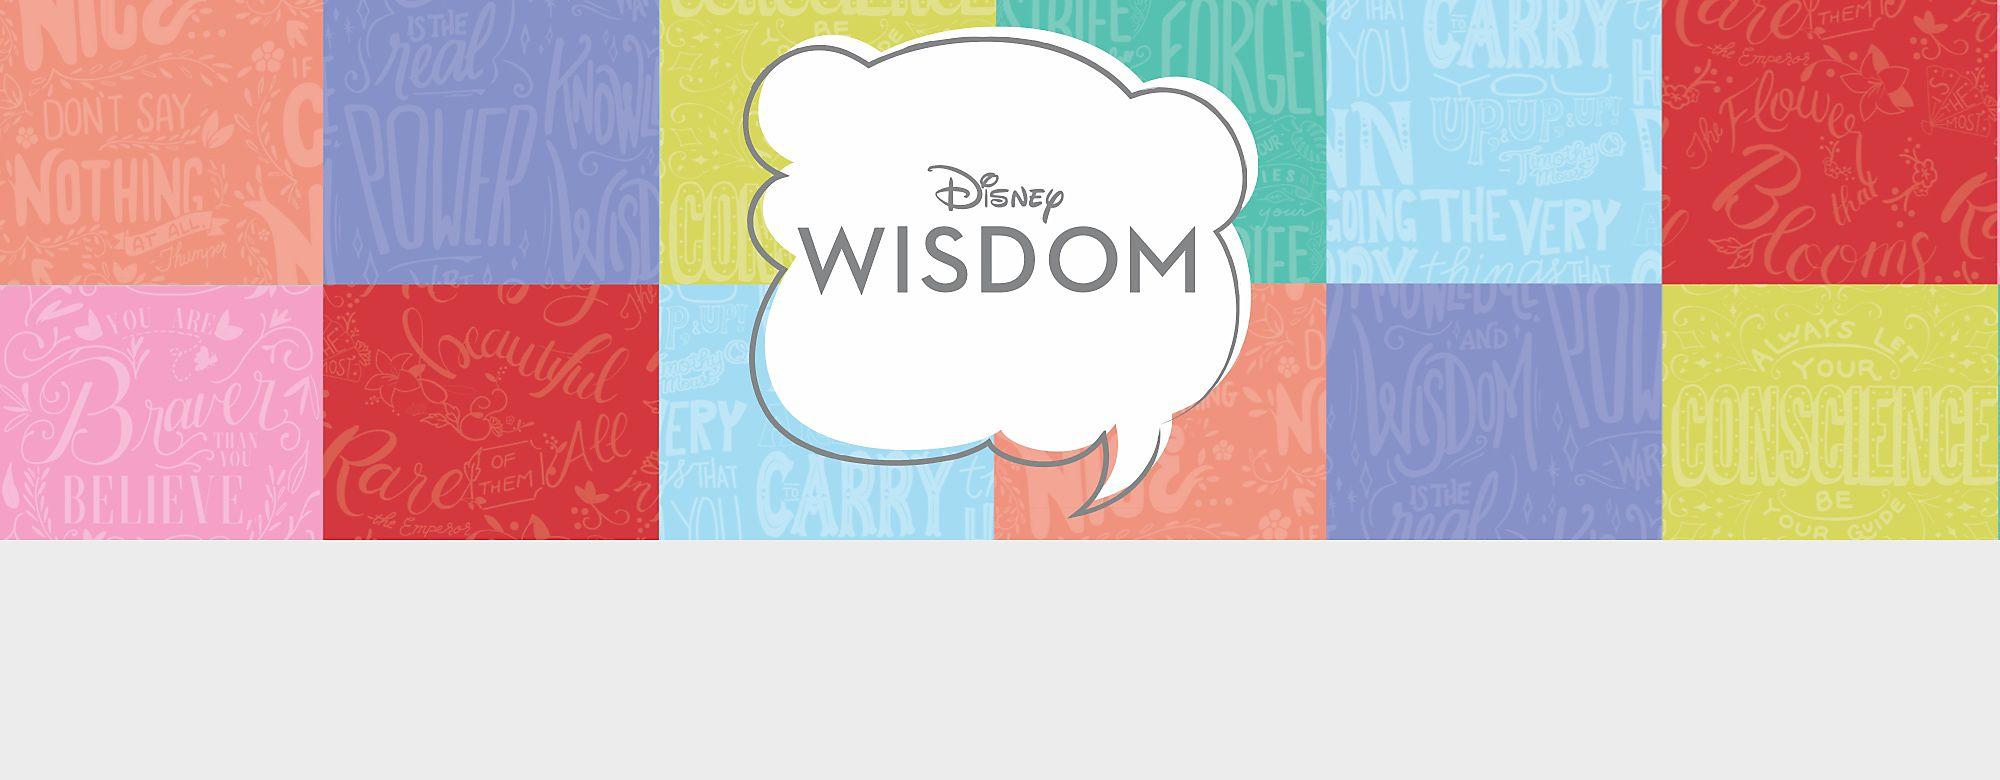 Ya está aquí la serie de coleccionables de 2019 Disfruta todos los meses de un personaje de Disney, una inspiradora cita de película y mucho color. Colecciónalos y crea tu propio arcoíris de Disney Wisdom.